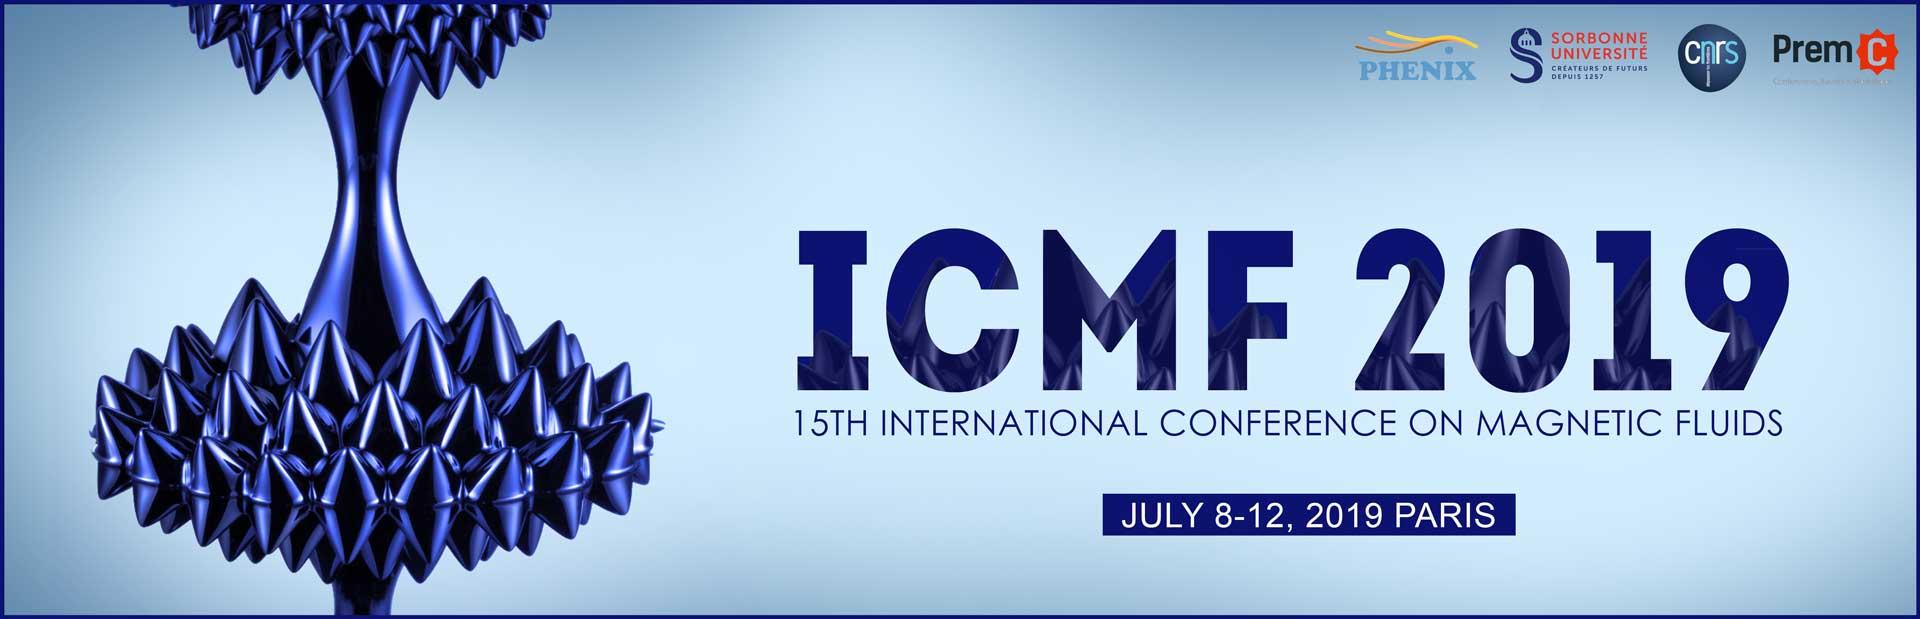 Conferences - PremC